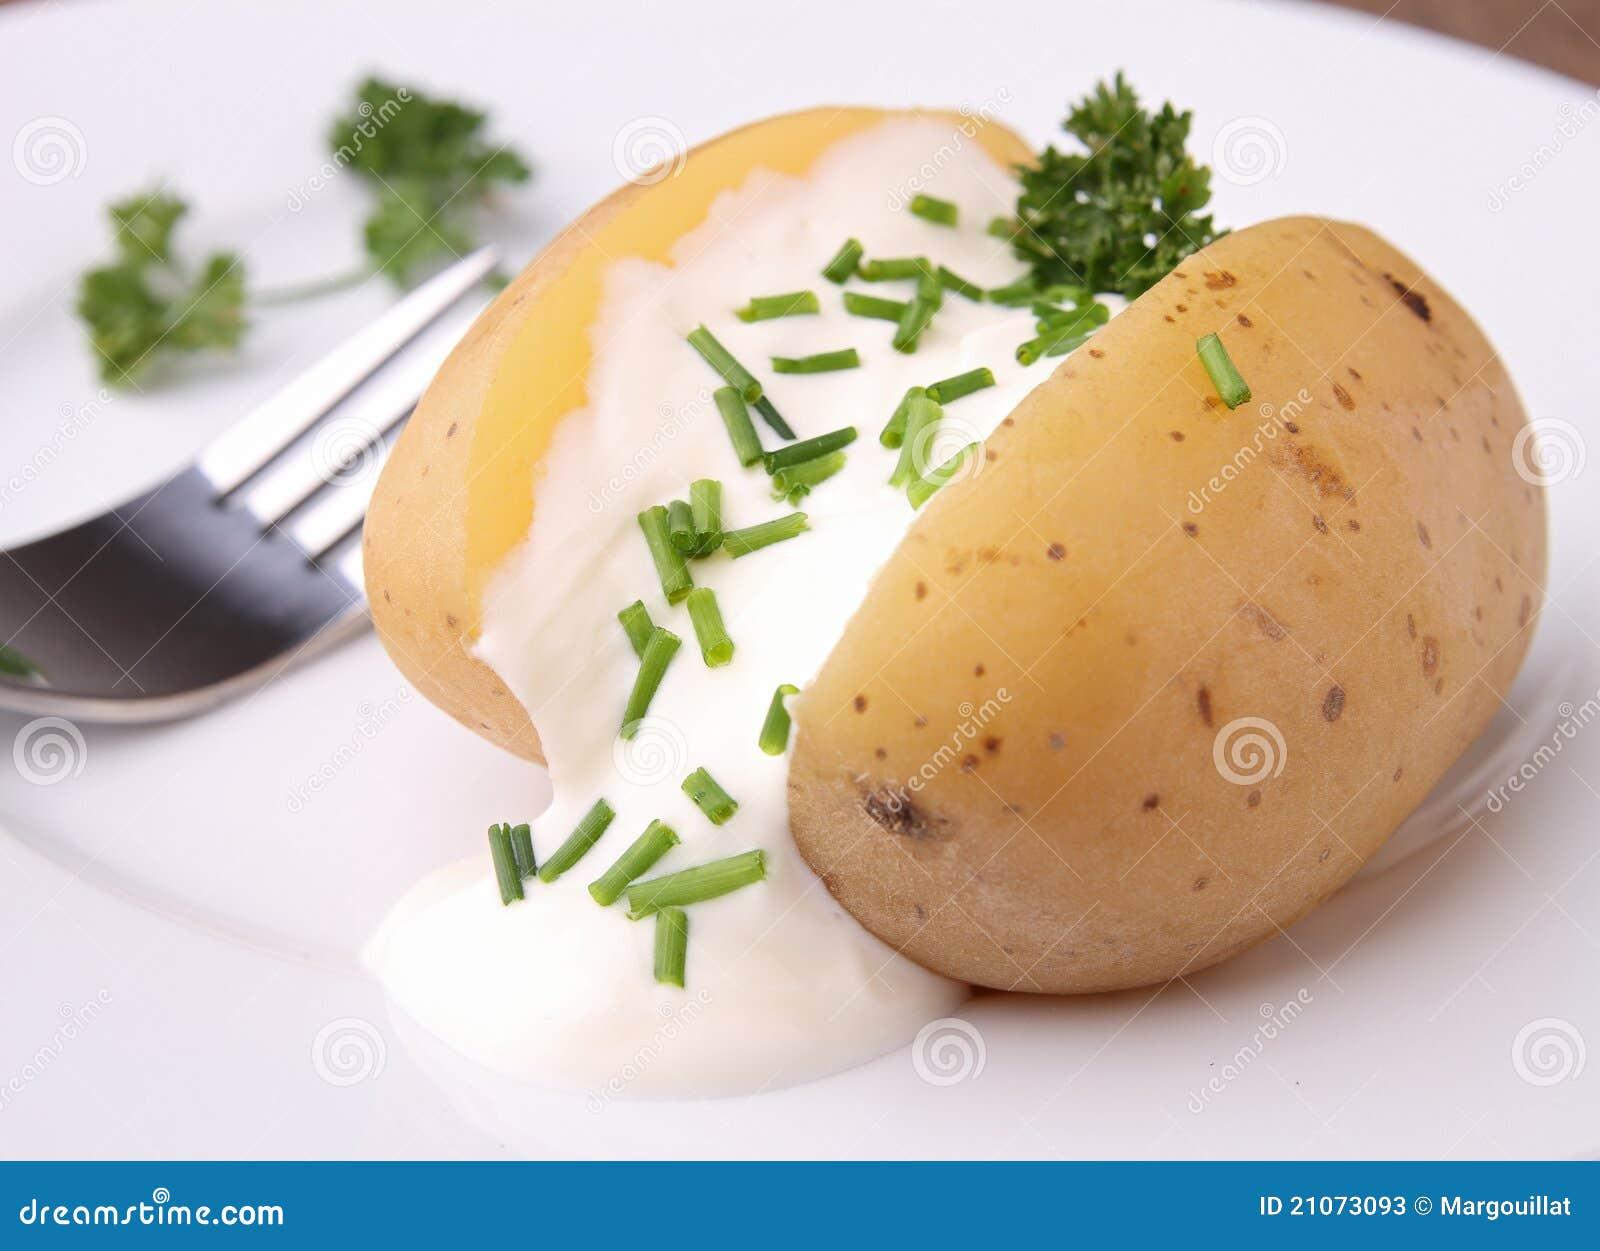 Pomme de terre cuite au four image stock image 21073093 - Conservation pomme de terre cuite ...